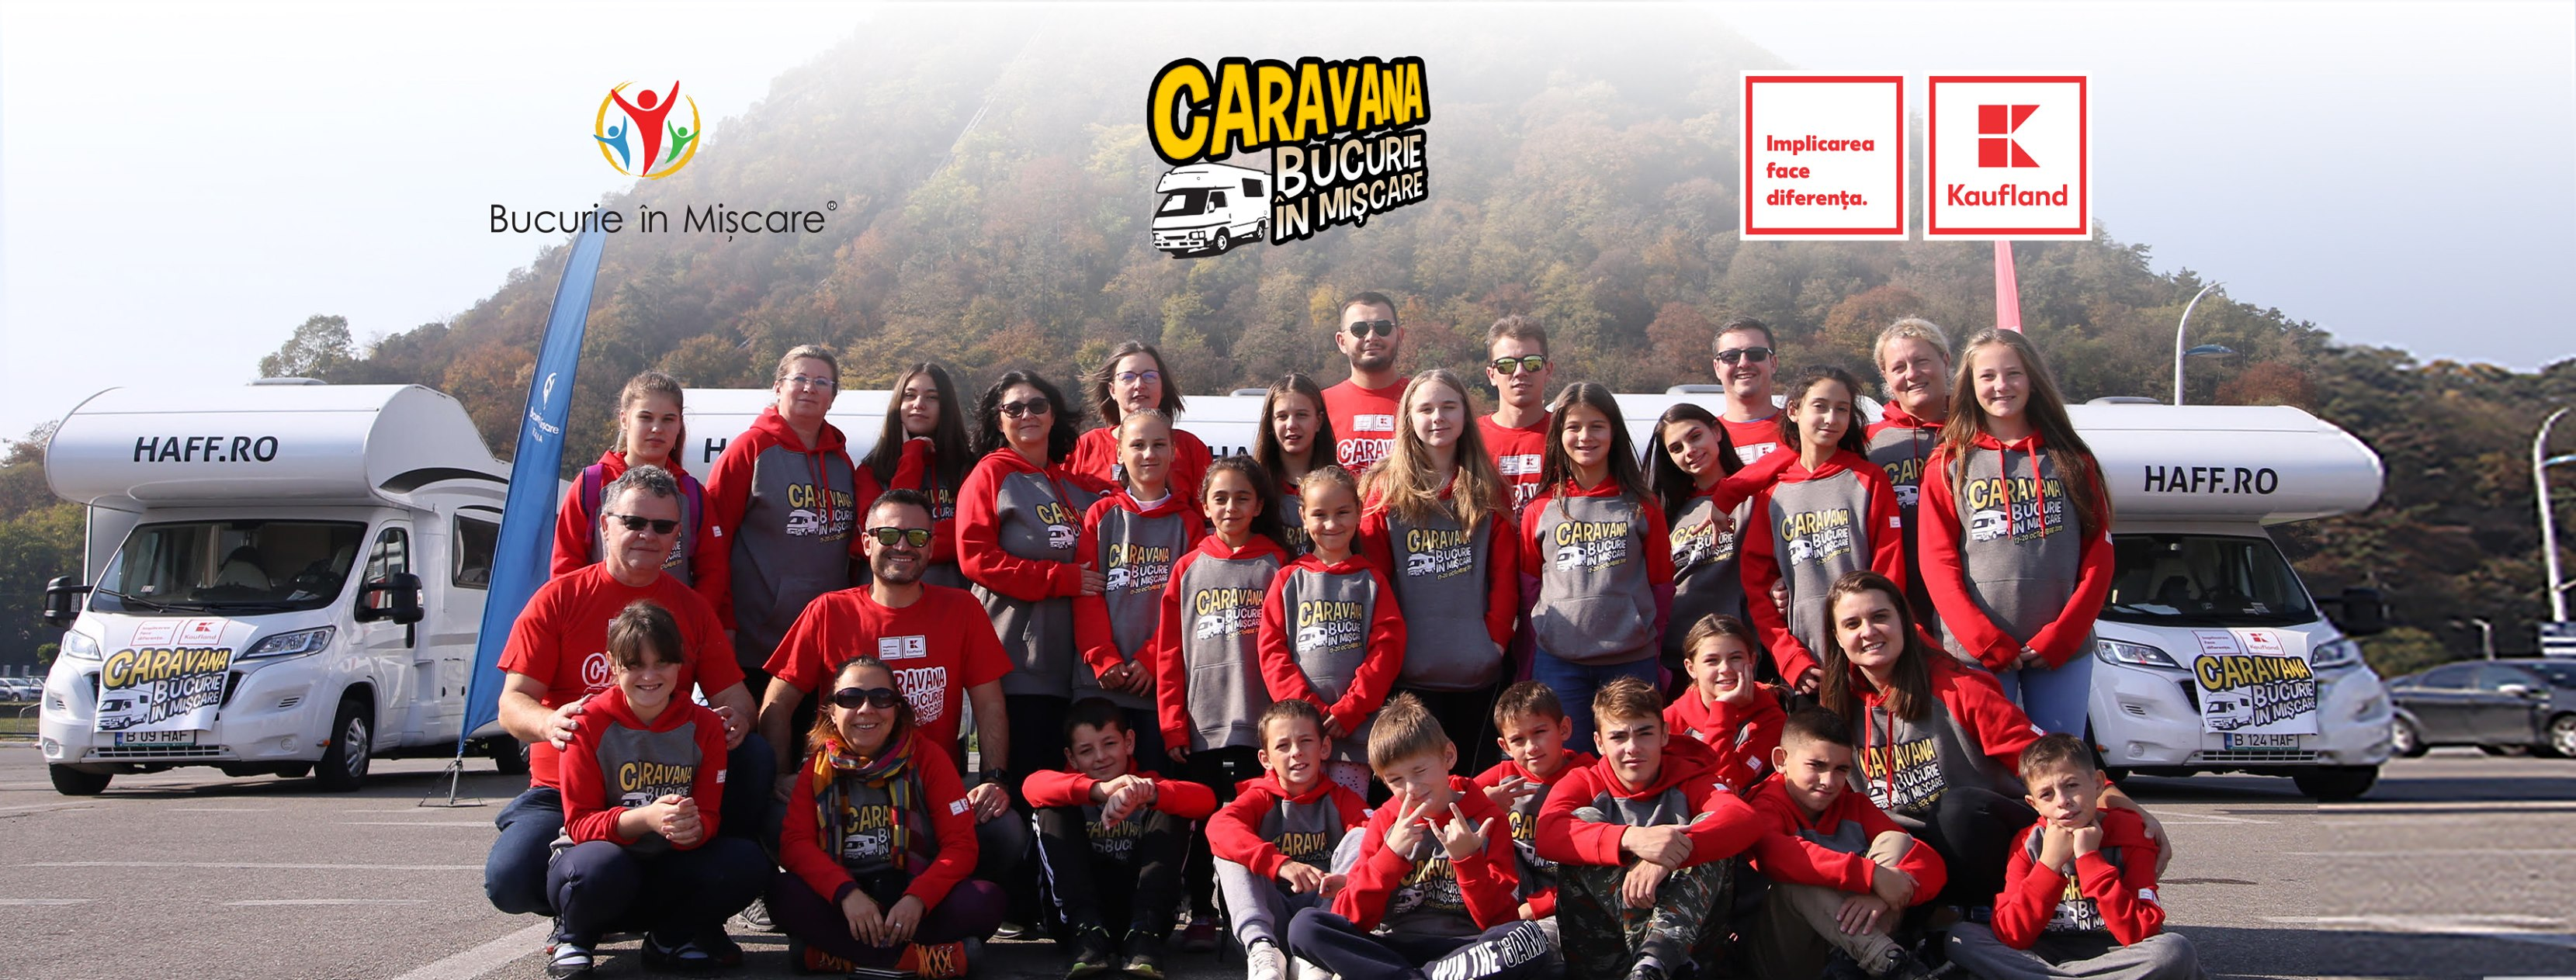 Caravana Bucurie în Mișcare